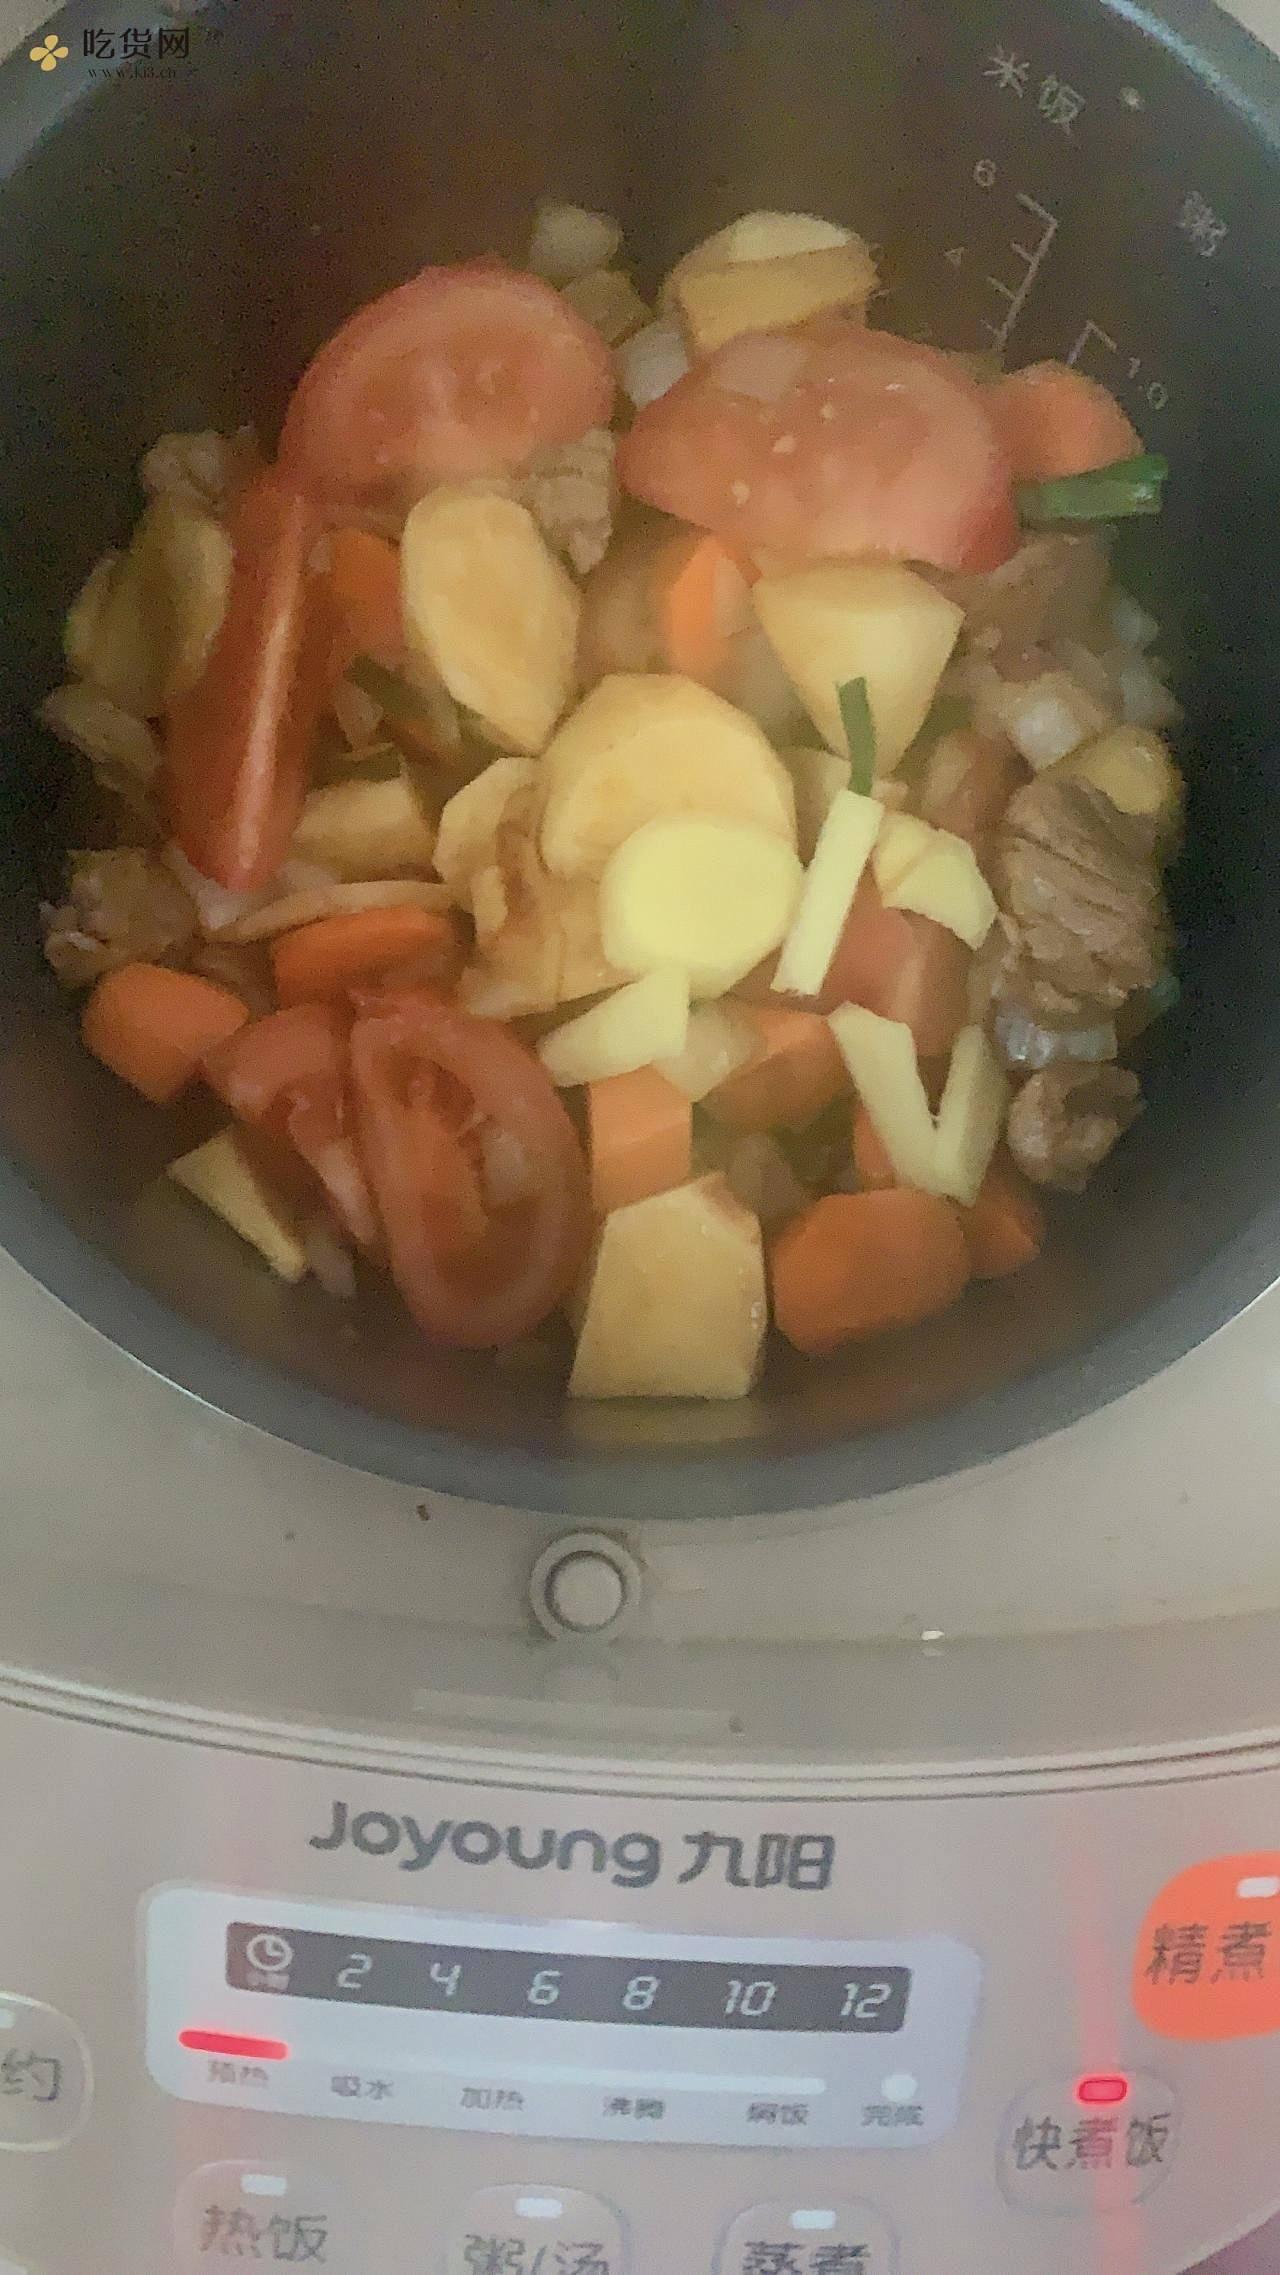 上班族快手减肥餐之电饭煲土豆牛肉粒的做法 步骤7